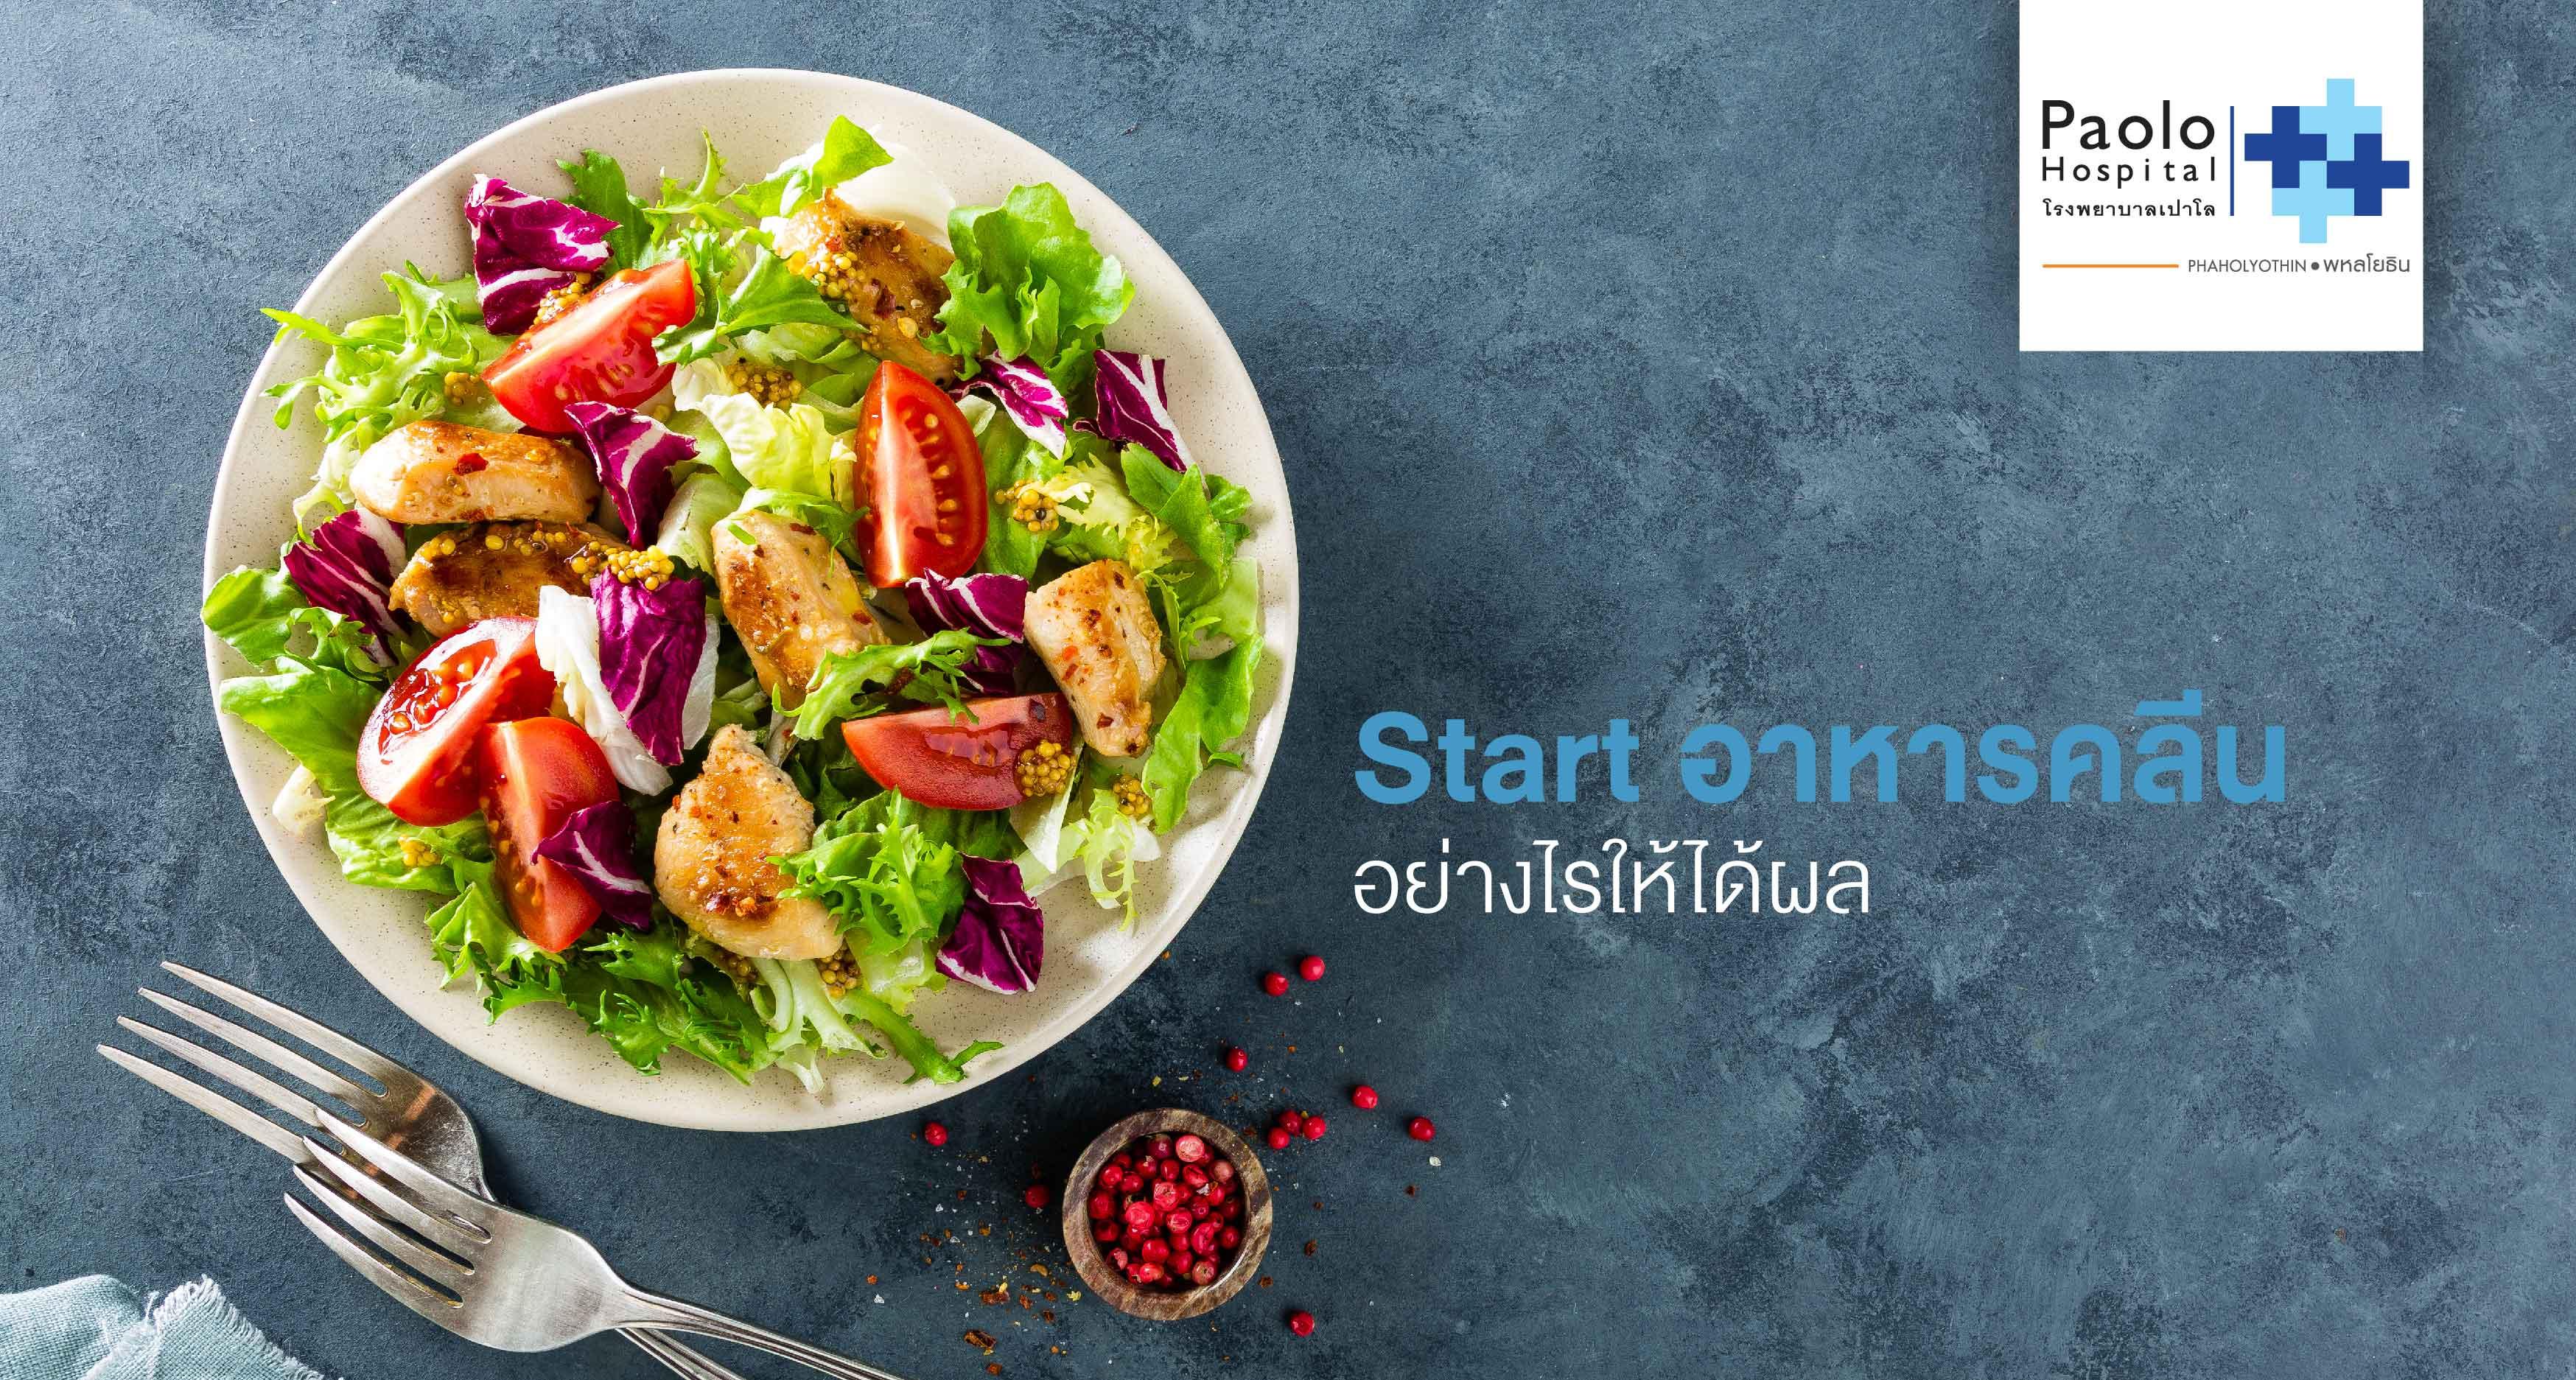 Start อาหารคลีนอย่างไรให้ได้ผล